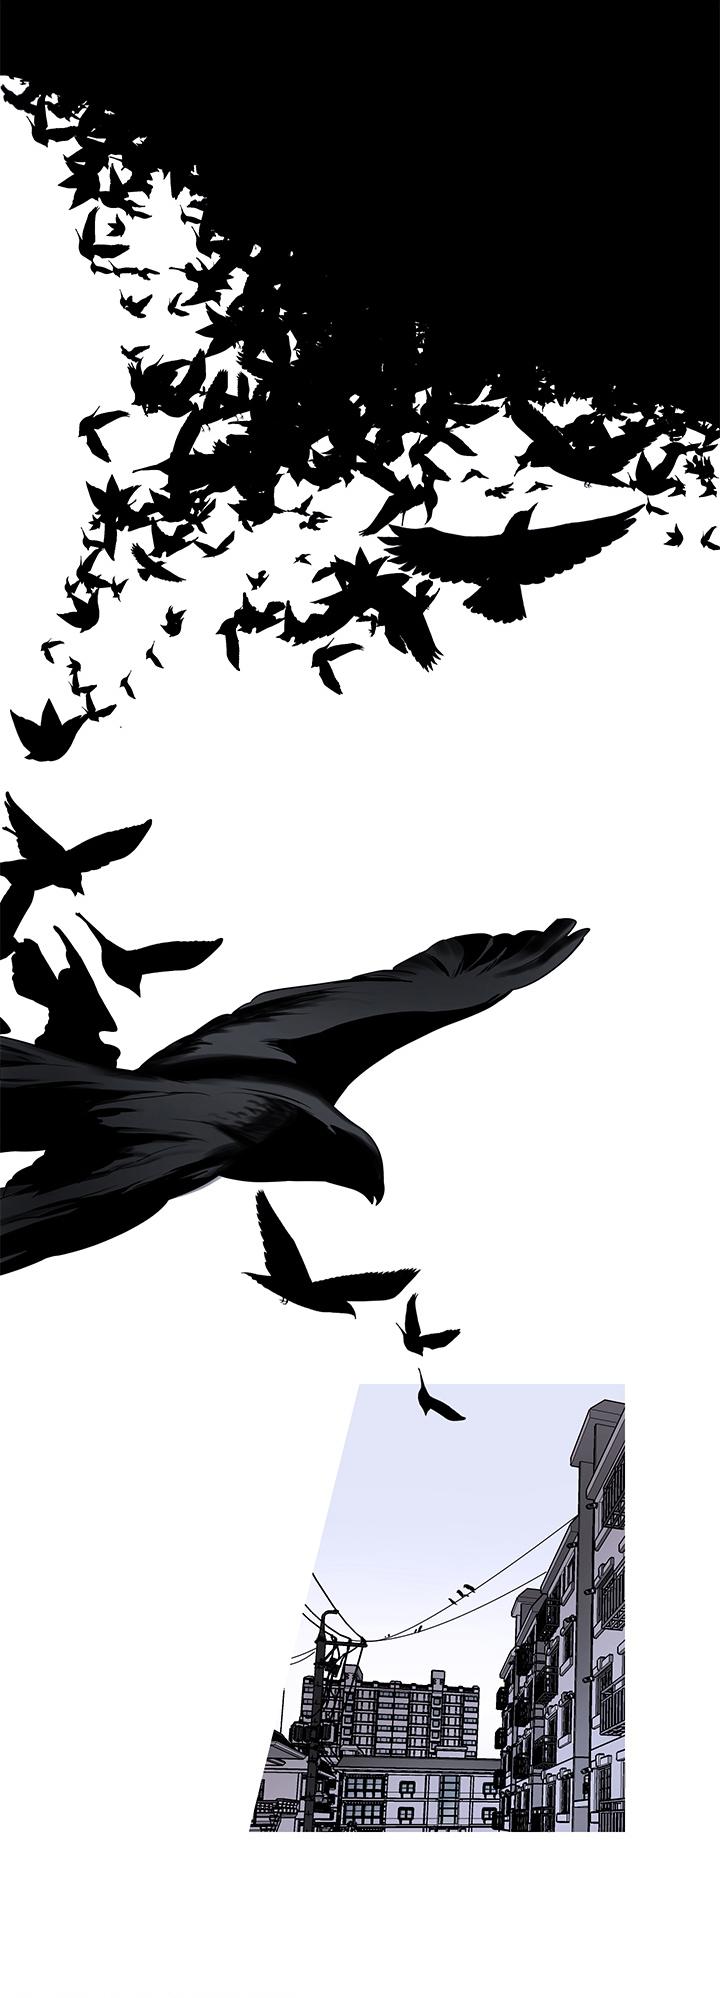 不飞的鸟-漫画完整版全集_下拉式在线阅读-啵乐漫画